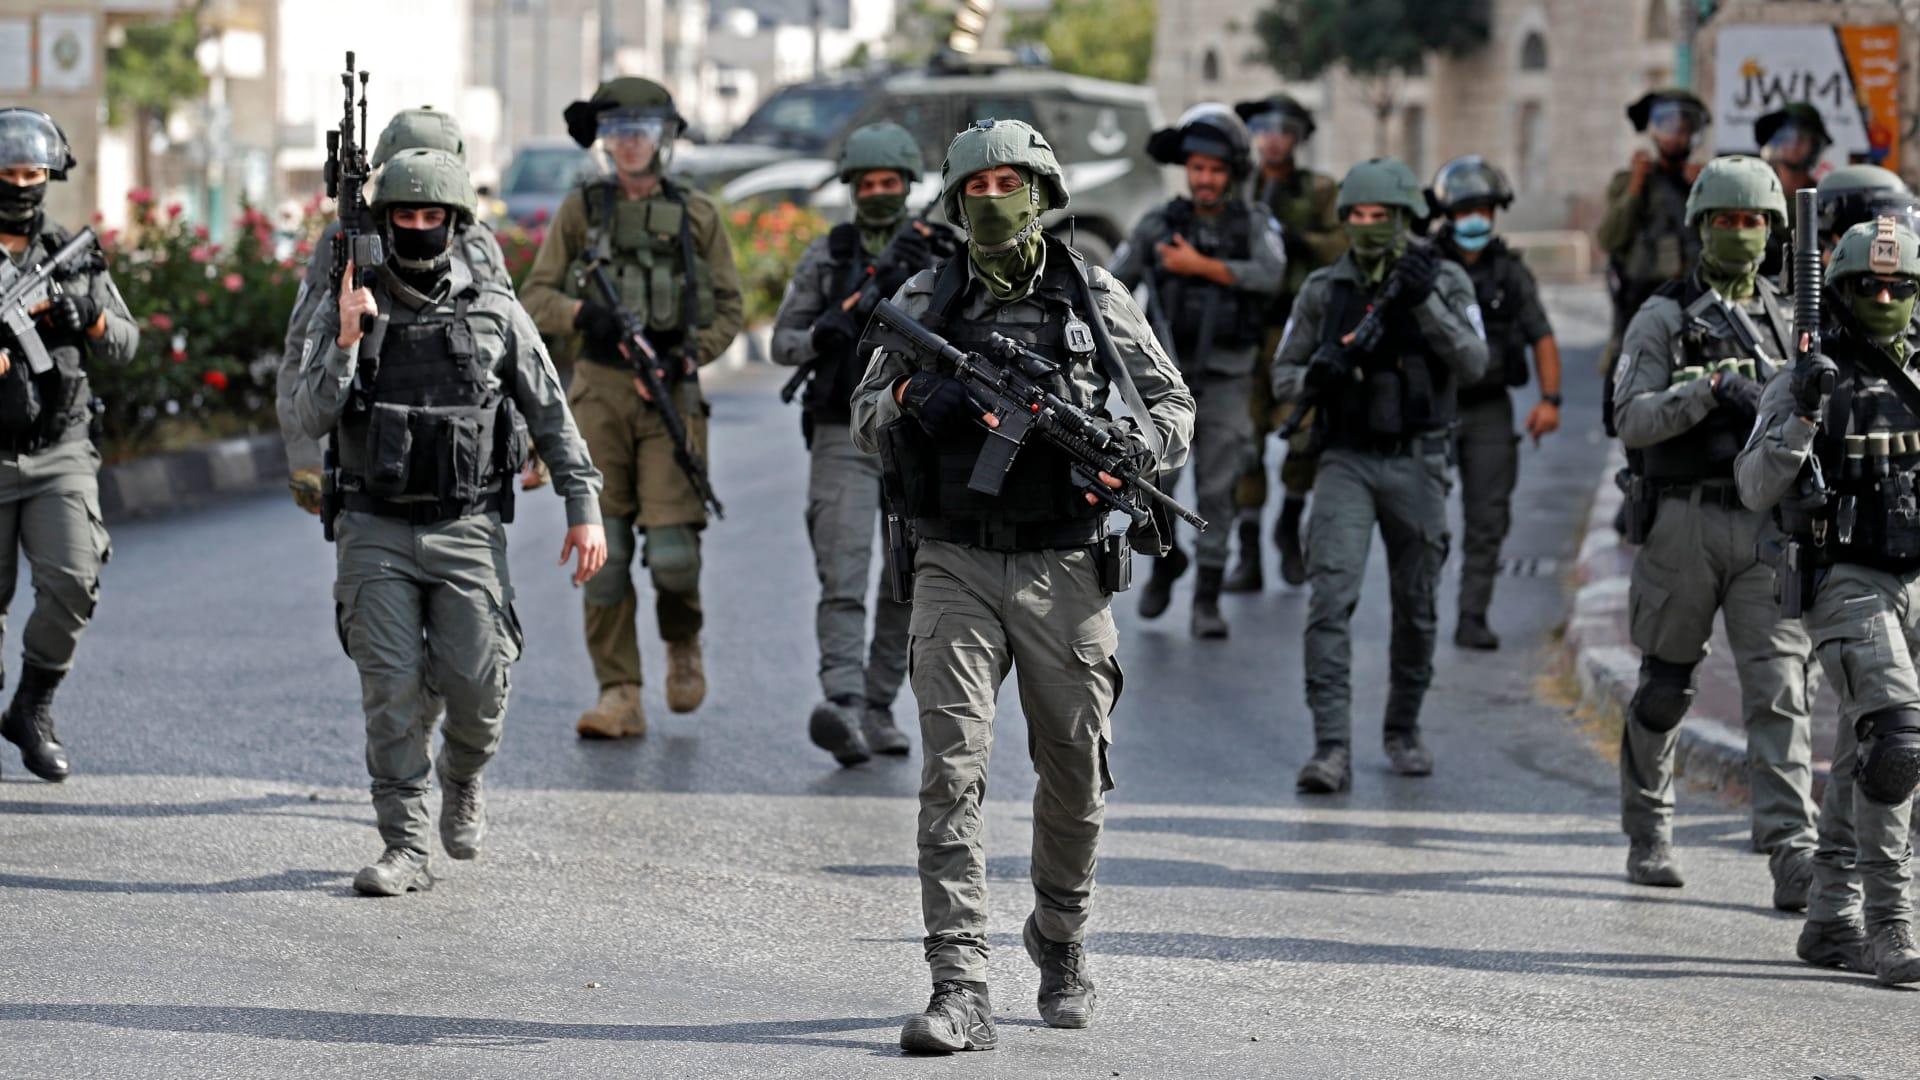 شاهد.. لحظة اعتقال زكريا زبيدي ومحمود العارضة بعد هروبهما من سجن جلبوع